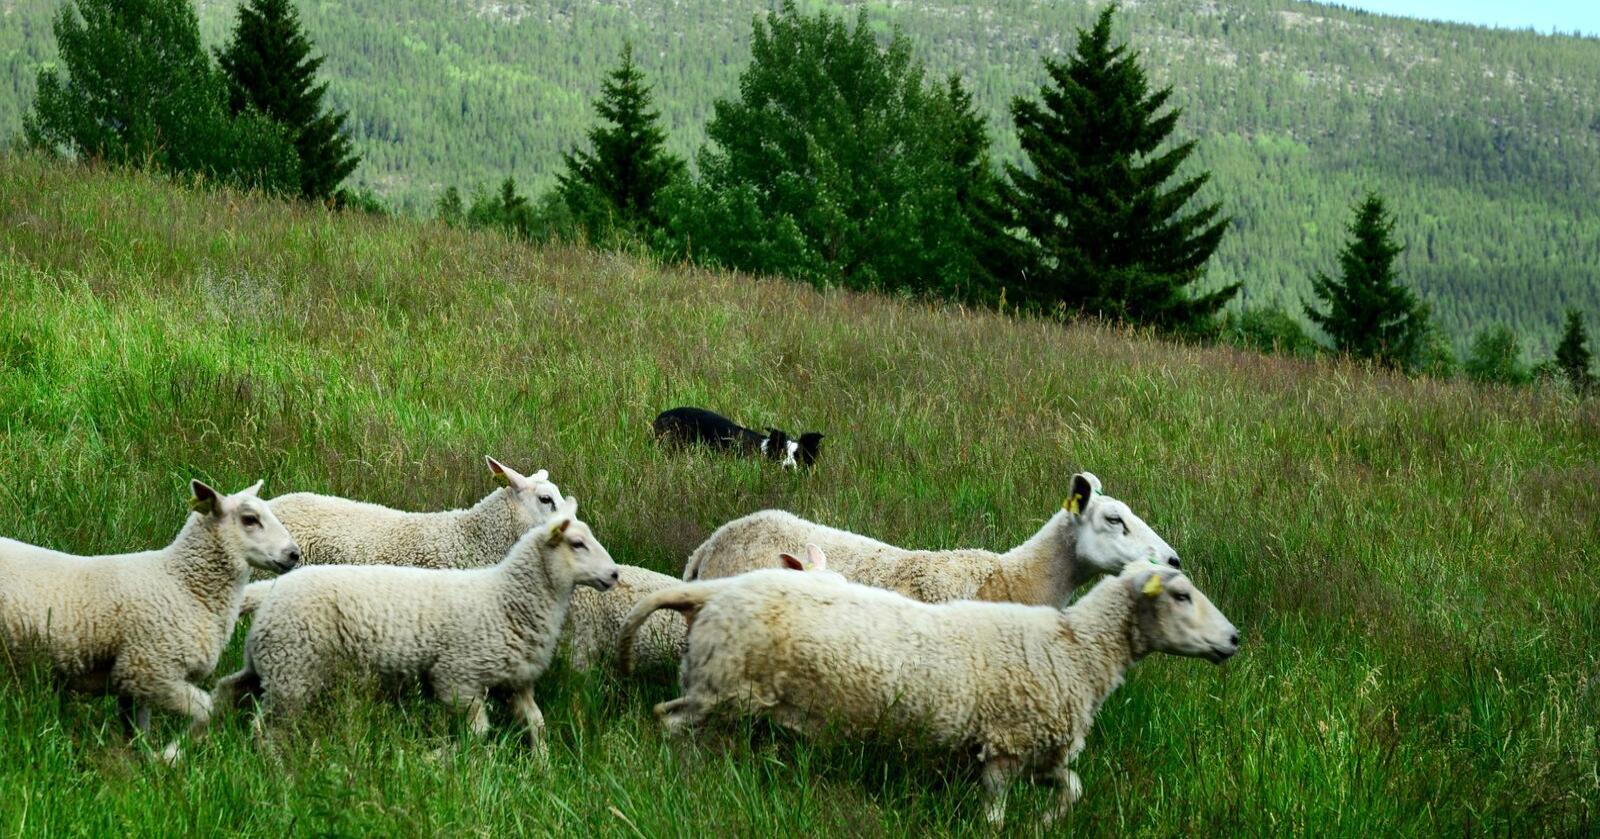 Norsk Sau og Geit vil blant annet gradvis avvikle kvoteutleie av geitemelkkvote. Foto: Siri Juell Rasmussen